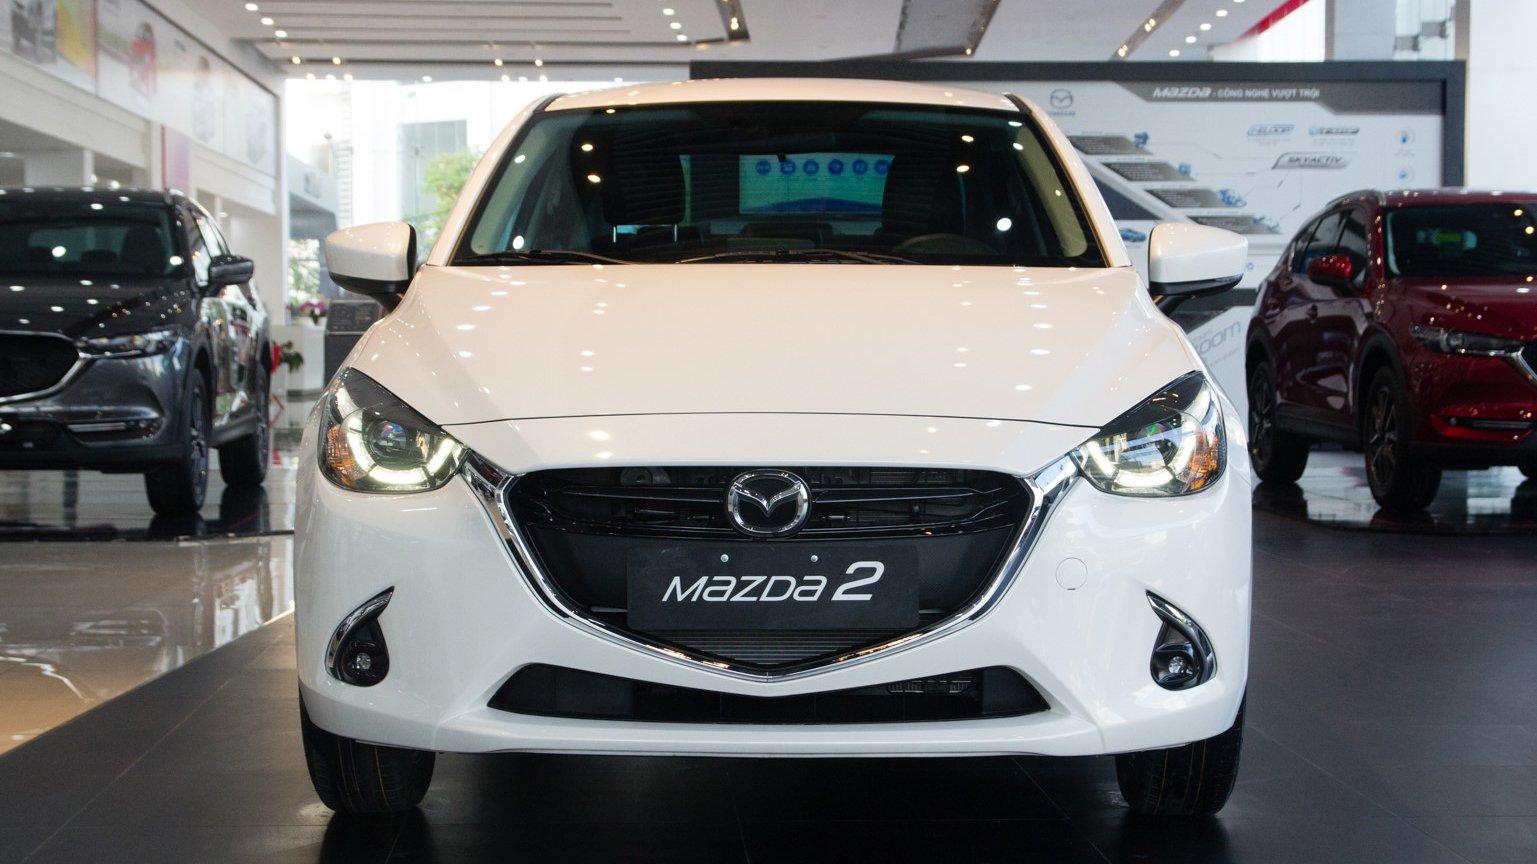 So sánh xe Mazda 2 2019 và Honda Jazz 2019: So găng hatchback hạng B nhập khẩu Thái Lan 6.